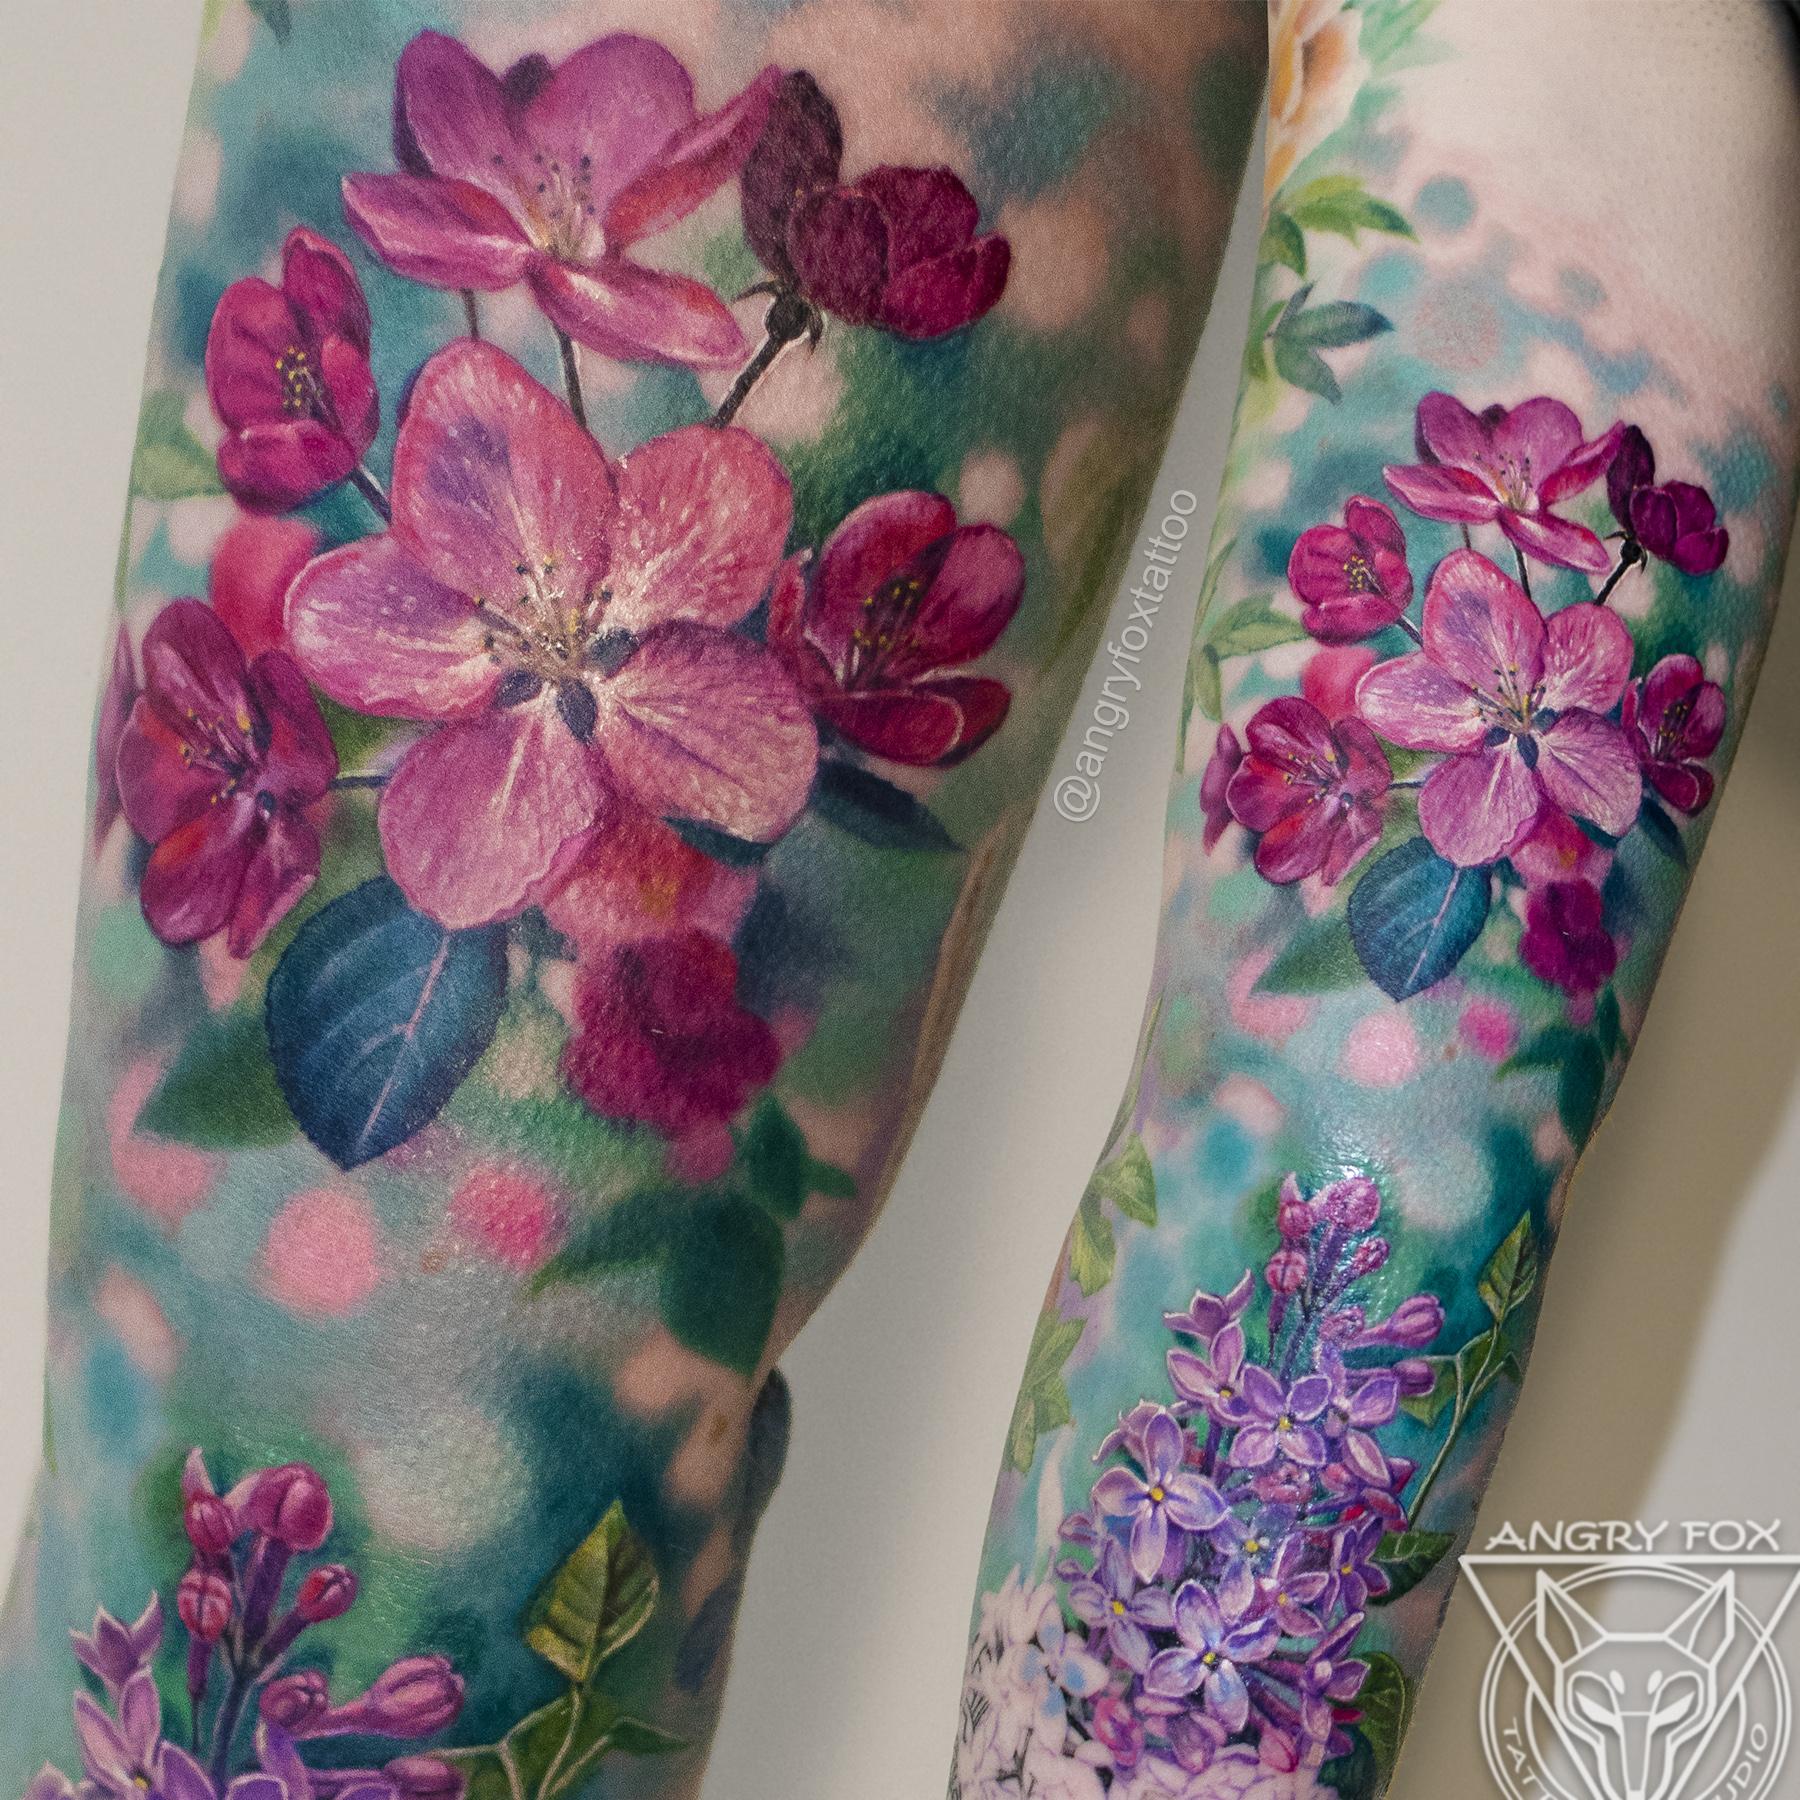 Татуировка, тату, яблоня, сирень, рука, букет, цветы, бутоны, цветная, яркая, реализм